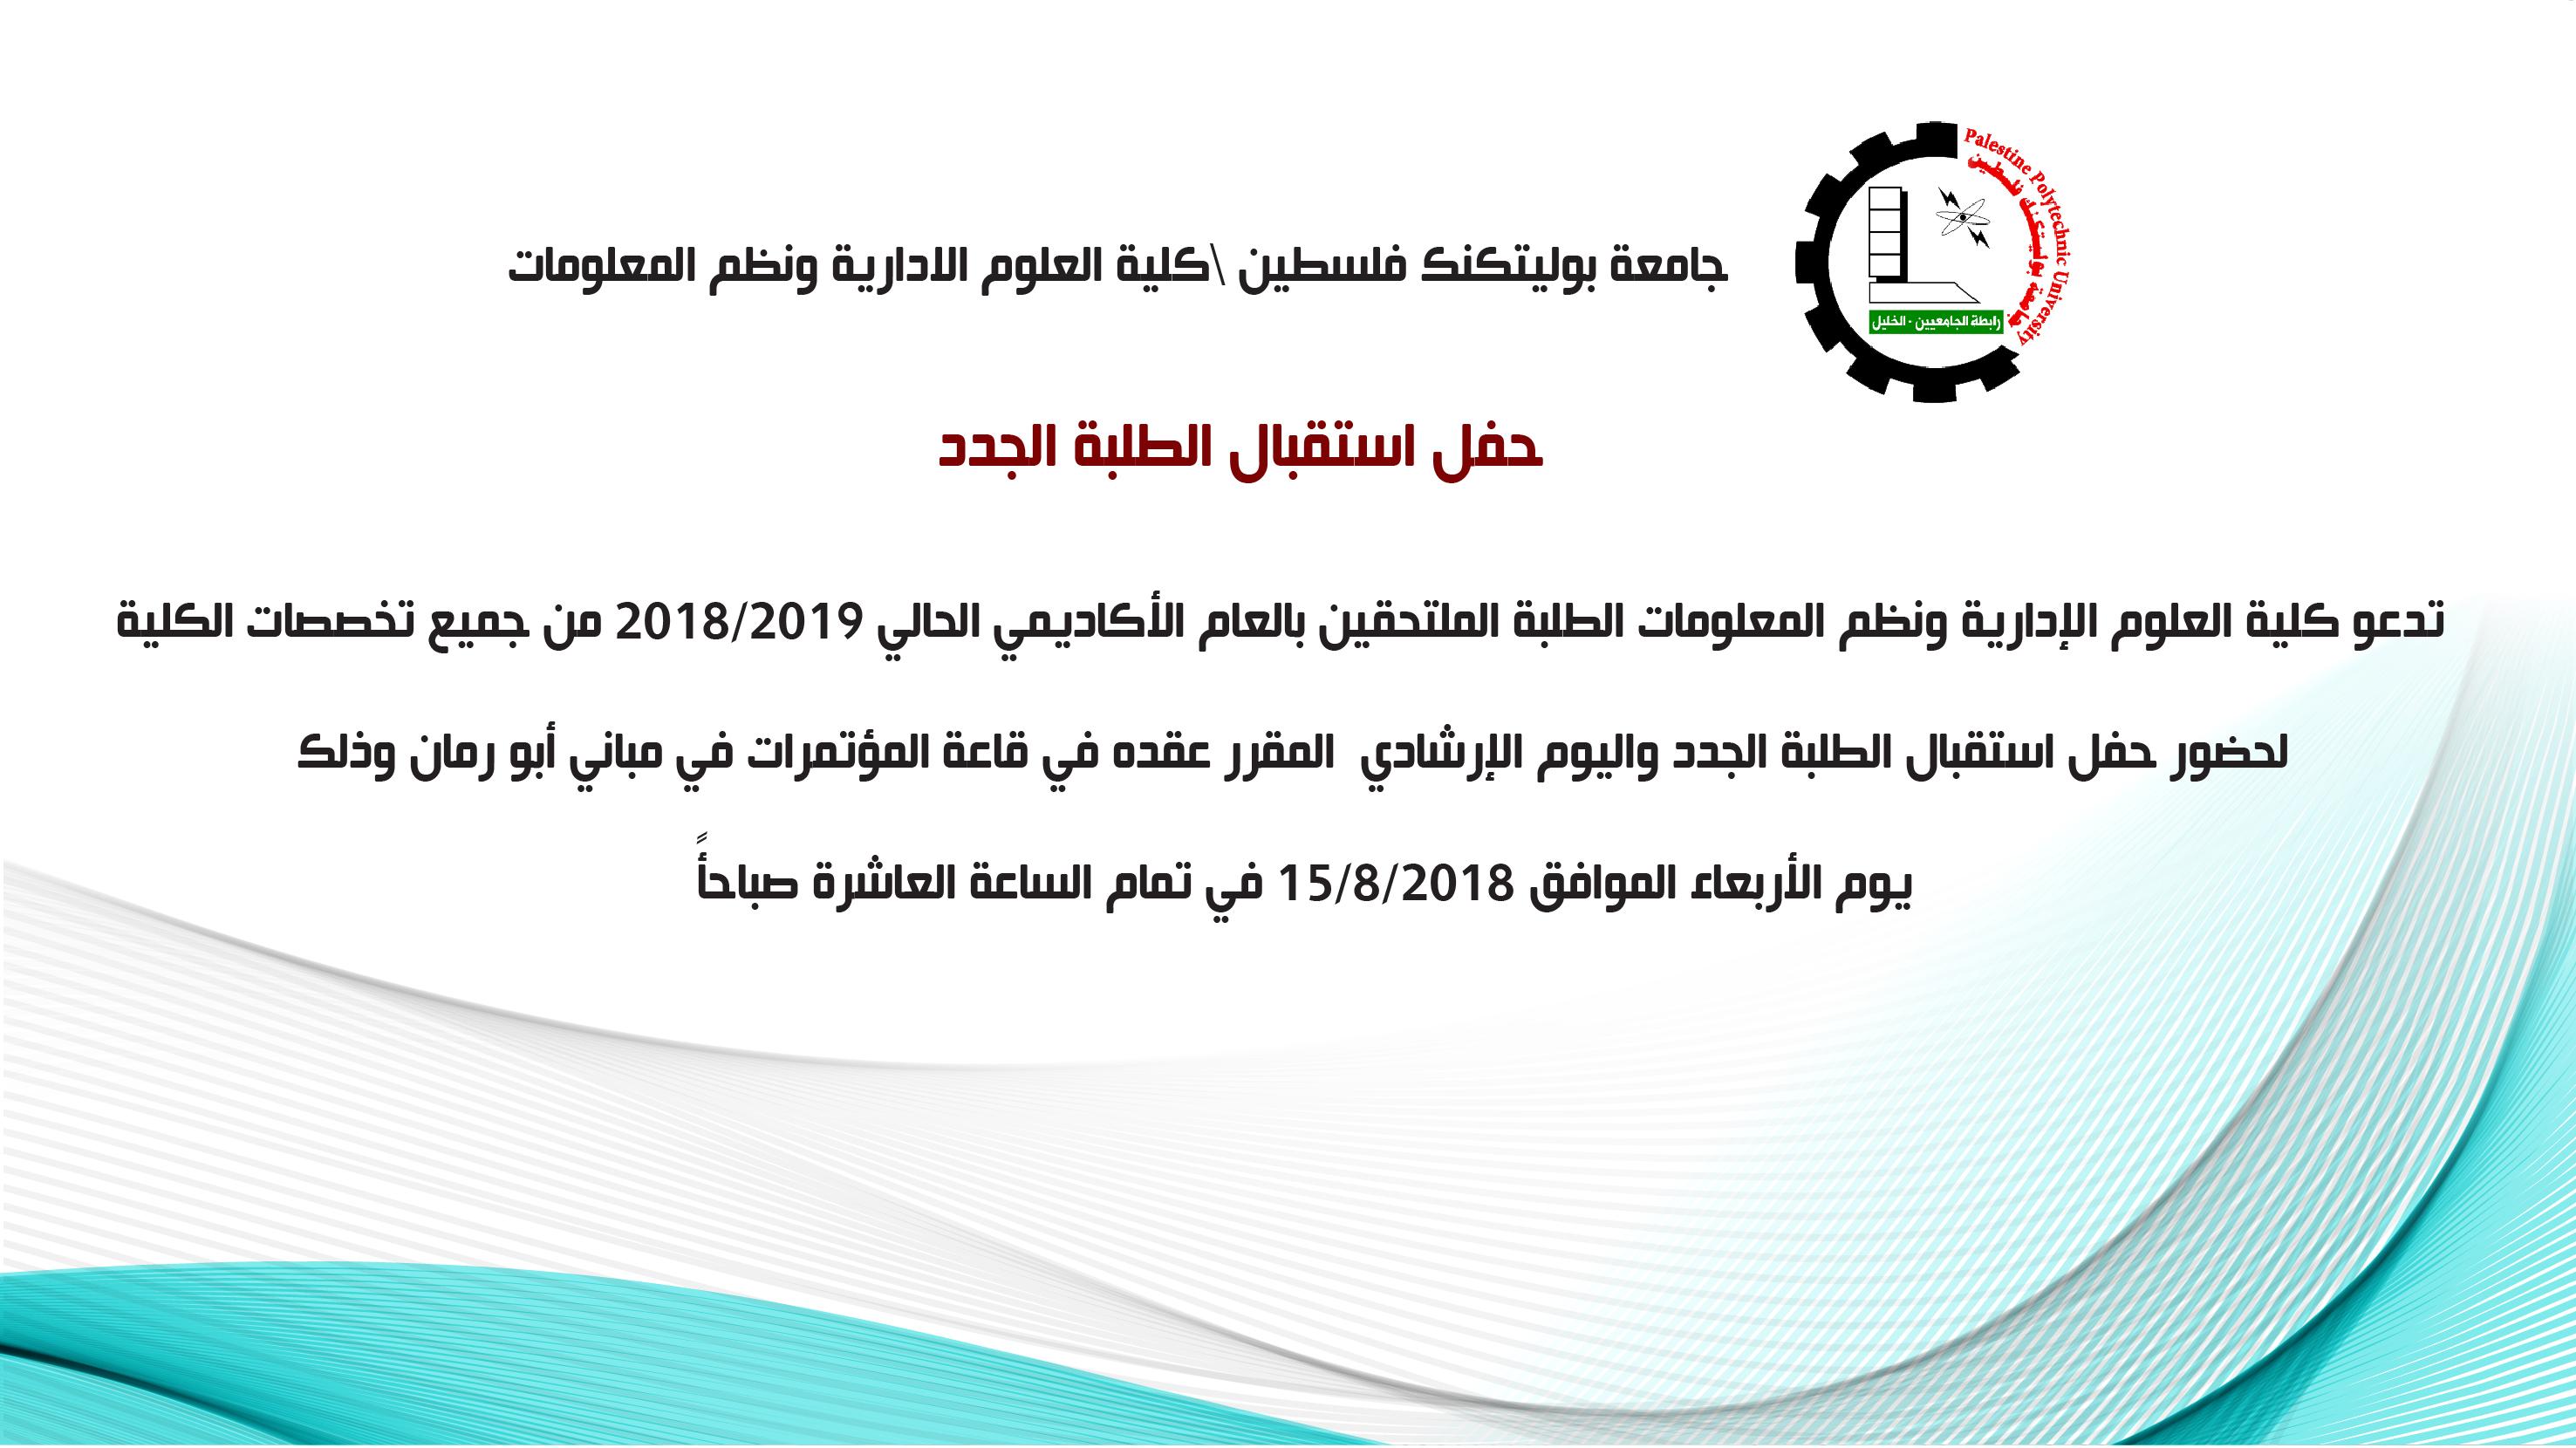 Palestine Polytechnic University (PPU) - دعوة | حفل استقبال الطلبة الجدد